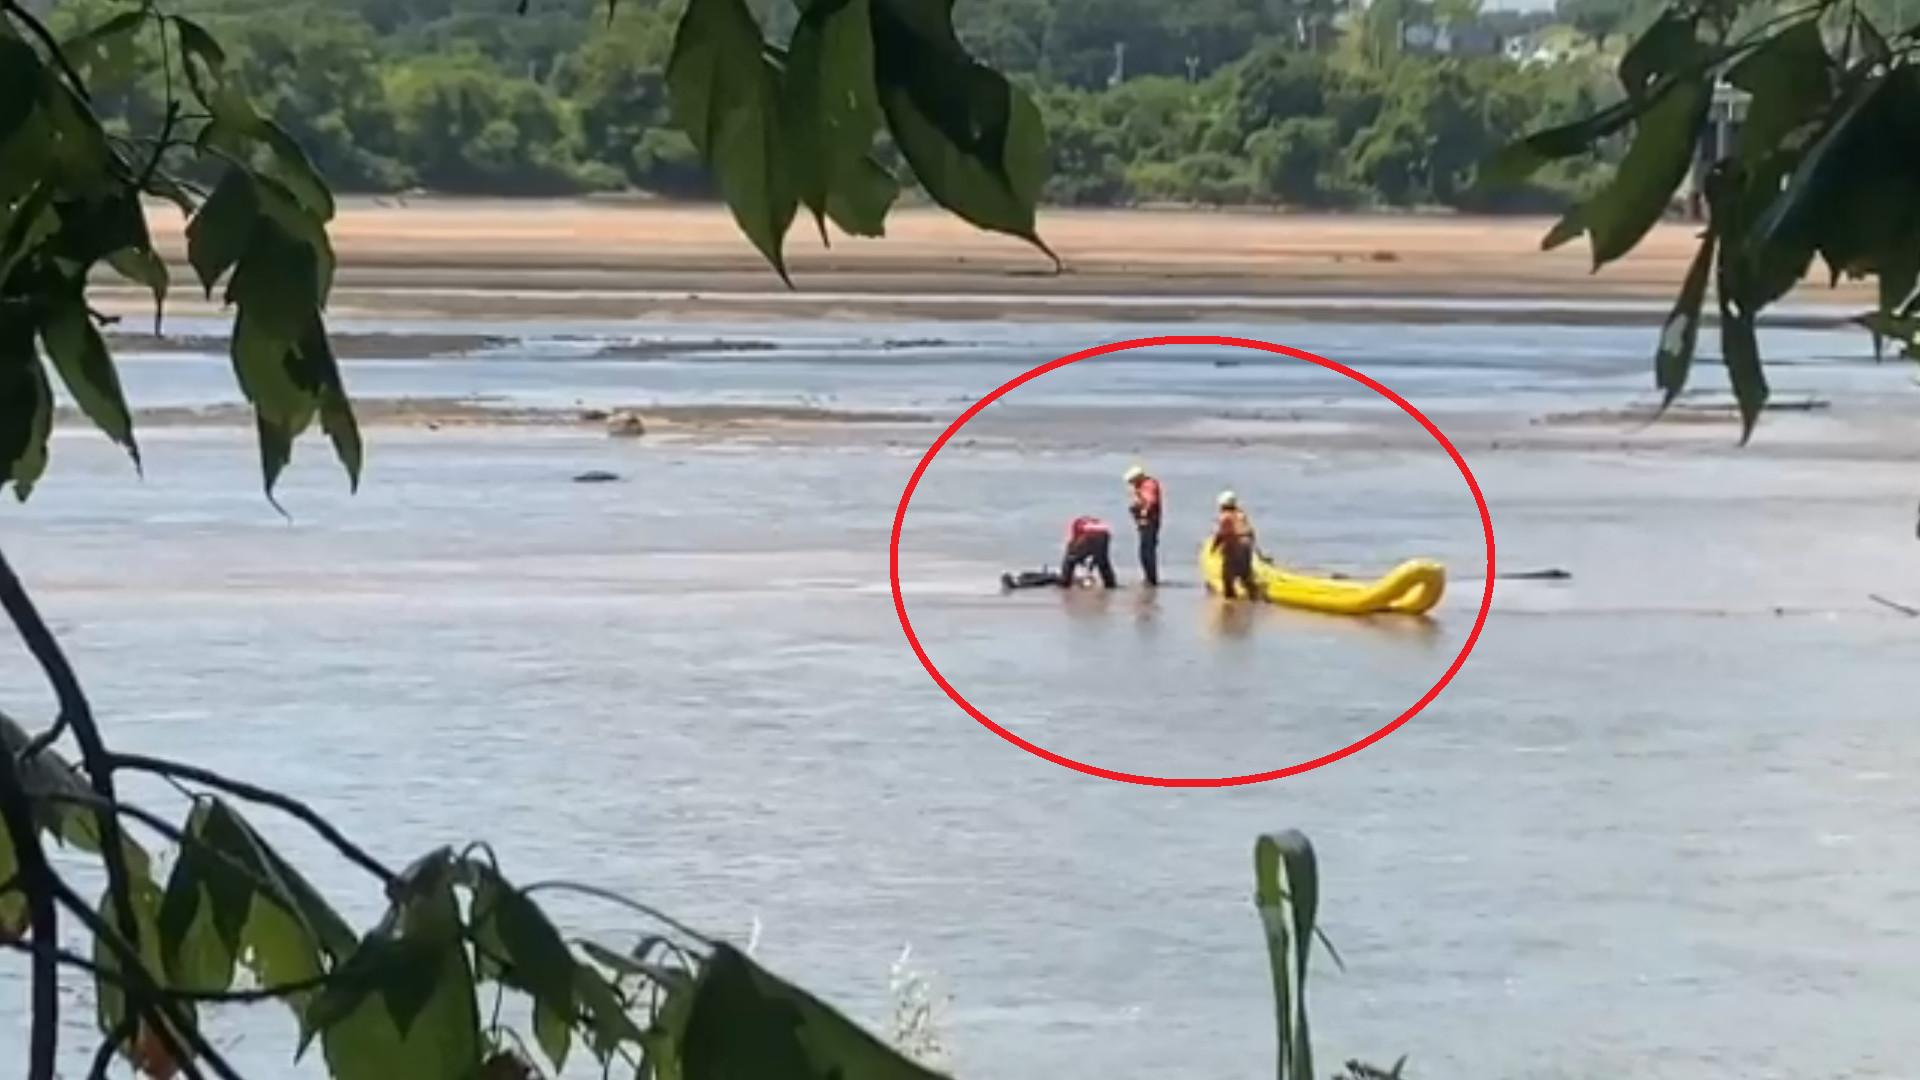 ▲▼消防救難人員划槳上前「打撈」屍體,卻發現屍體竟然還會動。(圖/翻攝自Twitter@TulsaFire)